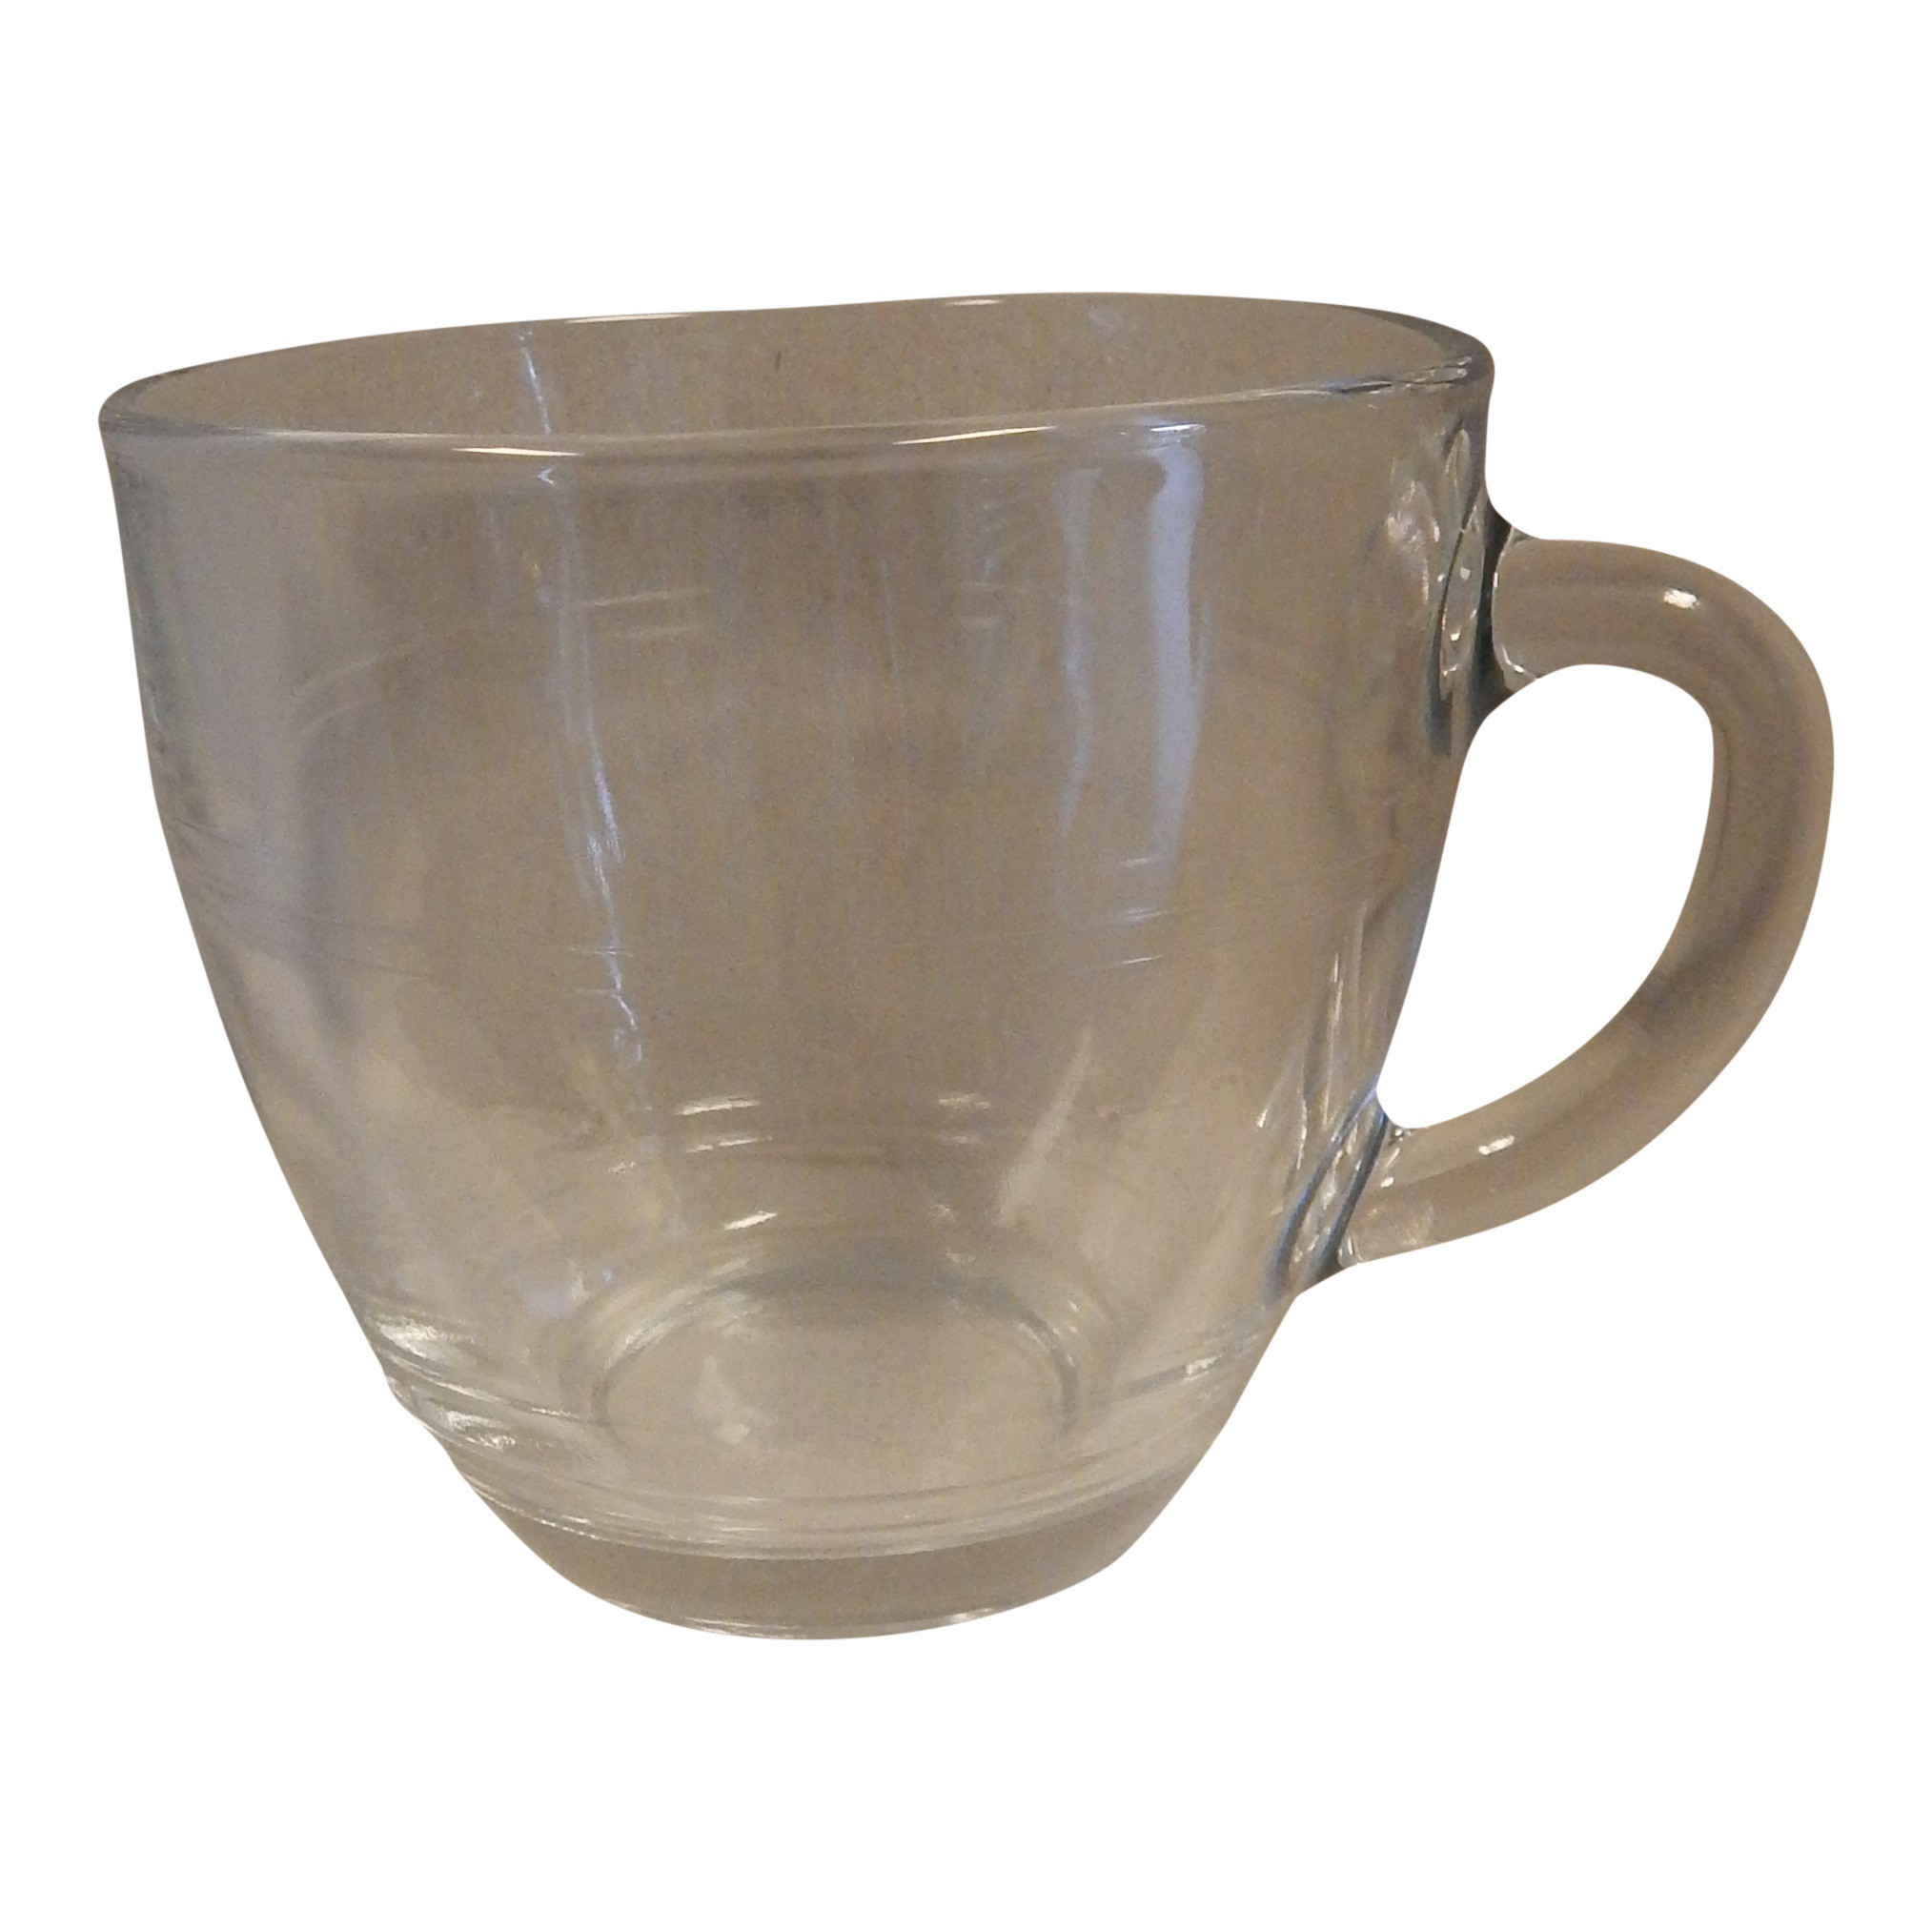 Bowlglas met oor